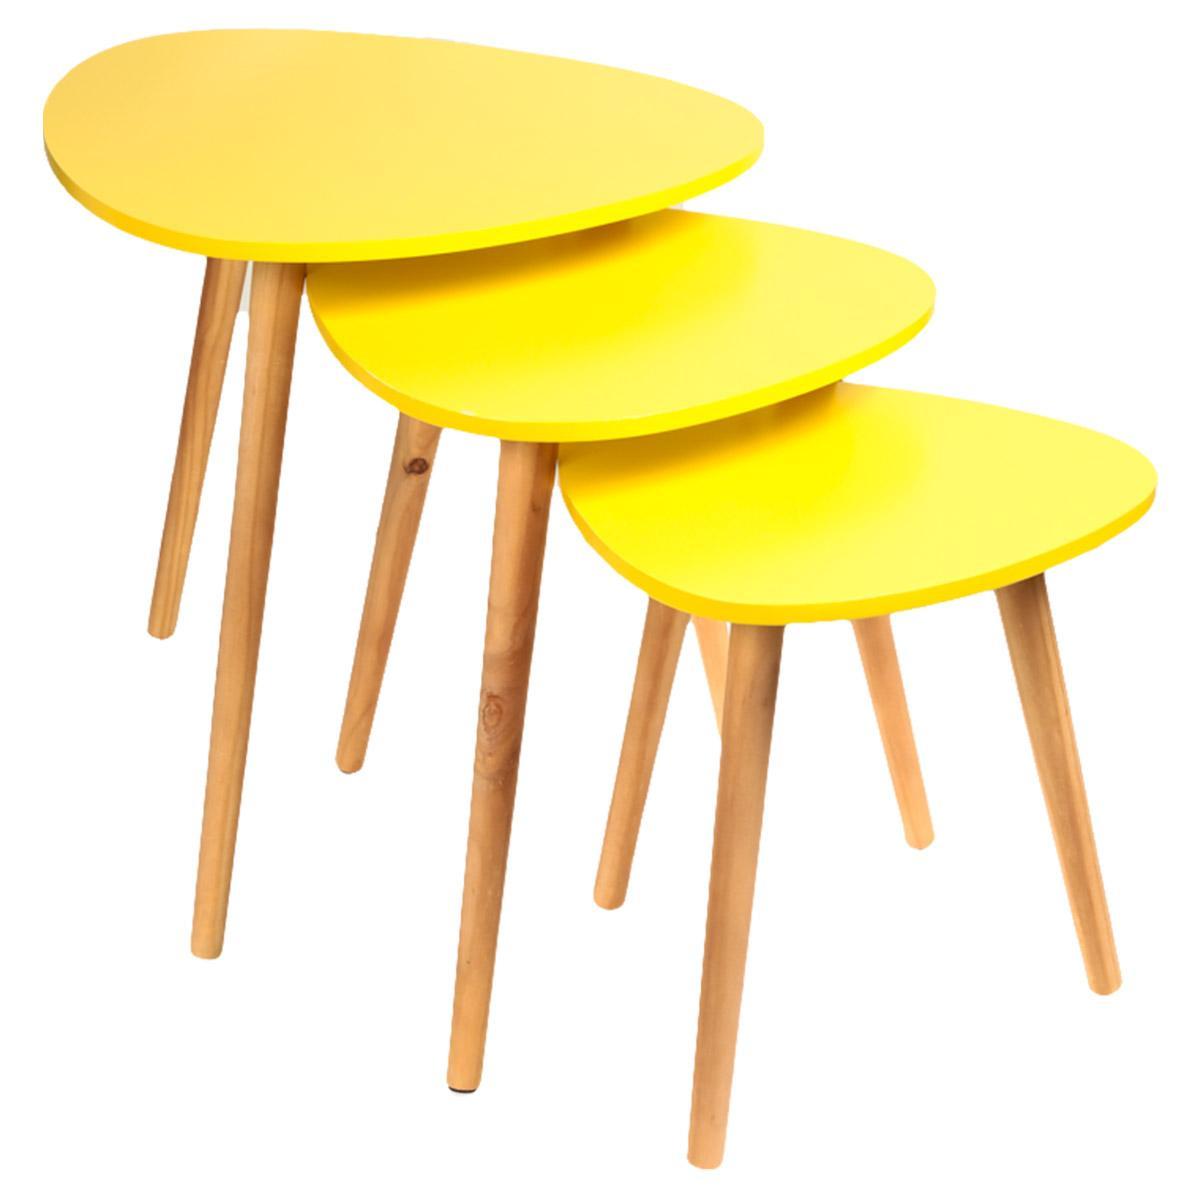 Sélection de produits en promotion - Ex : 3 Tables basses semi gigognes (plusieurs coloris)